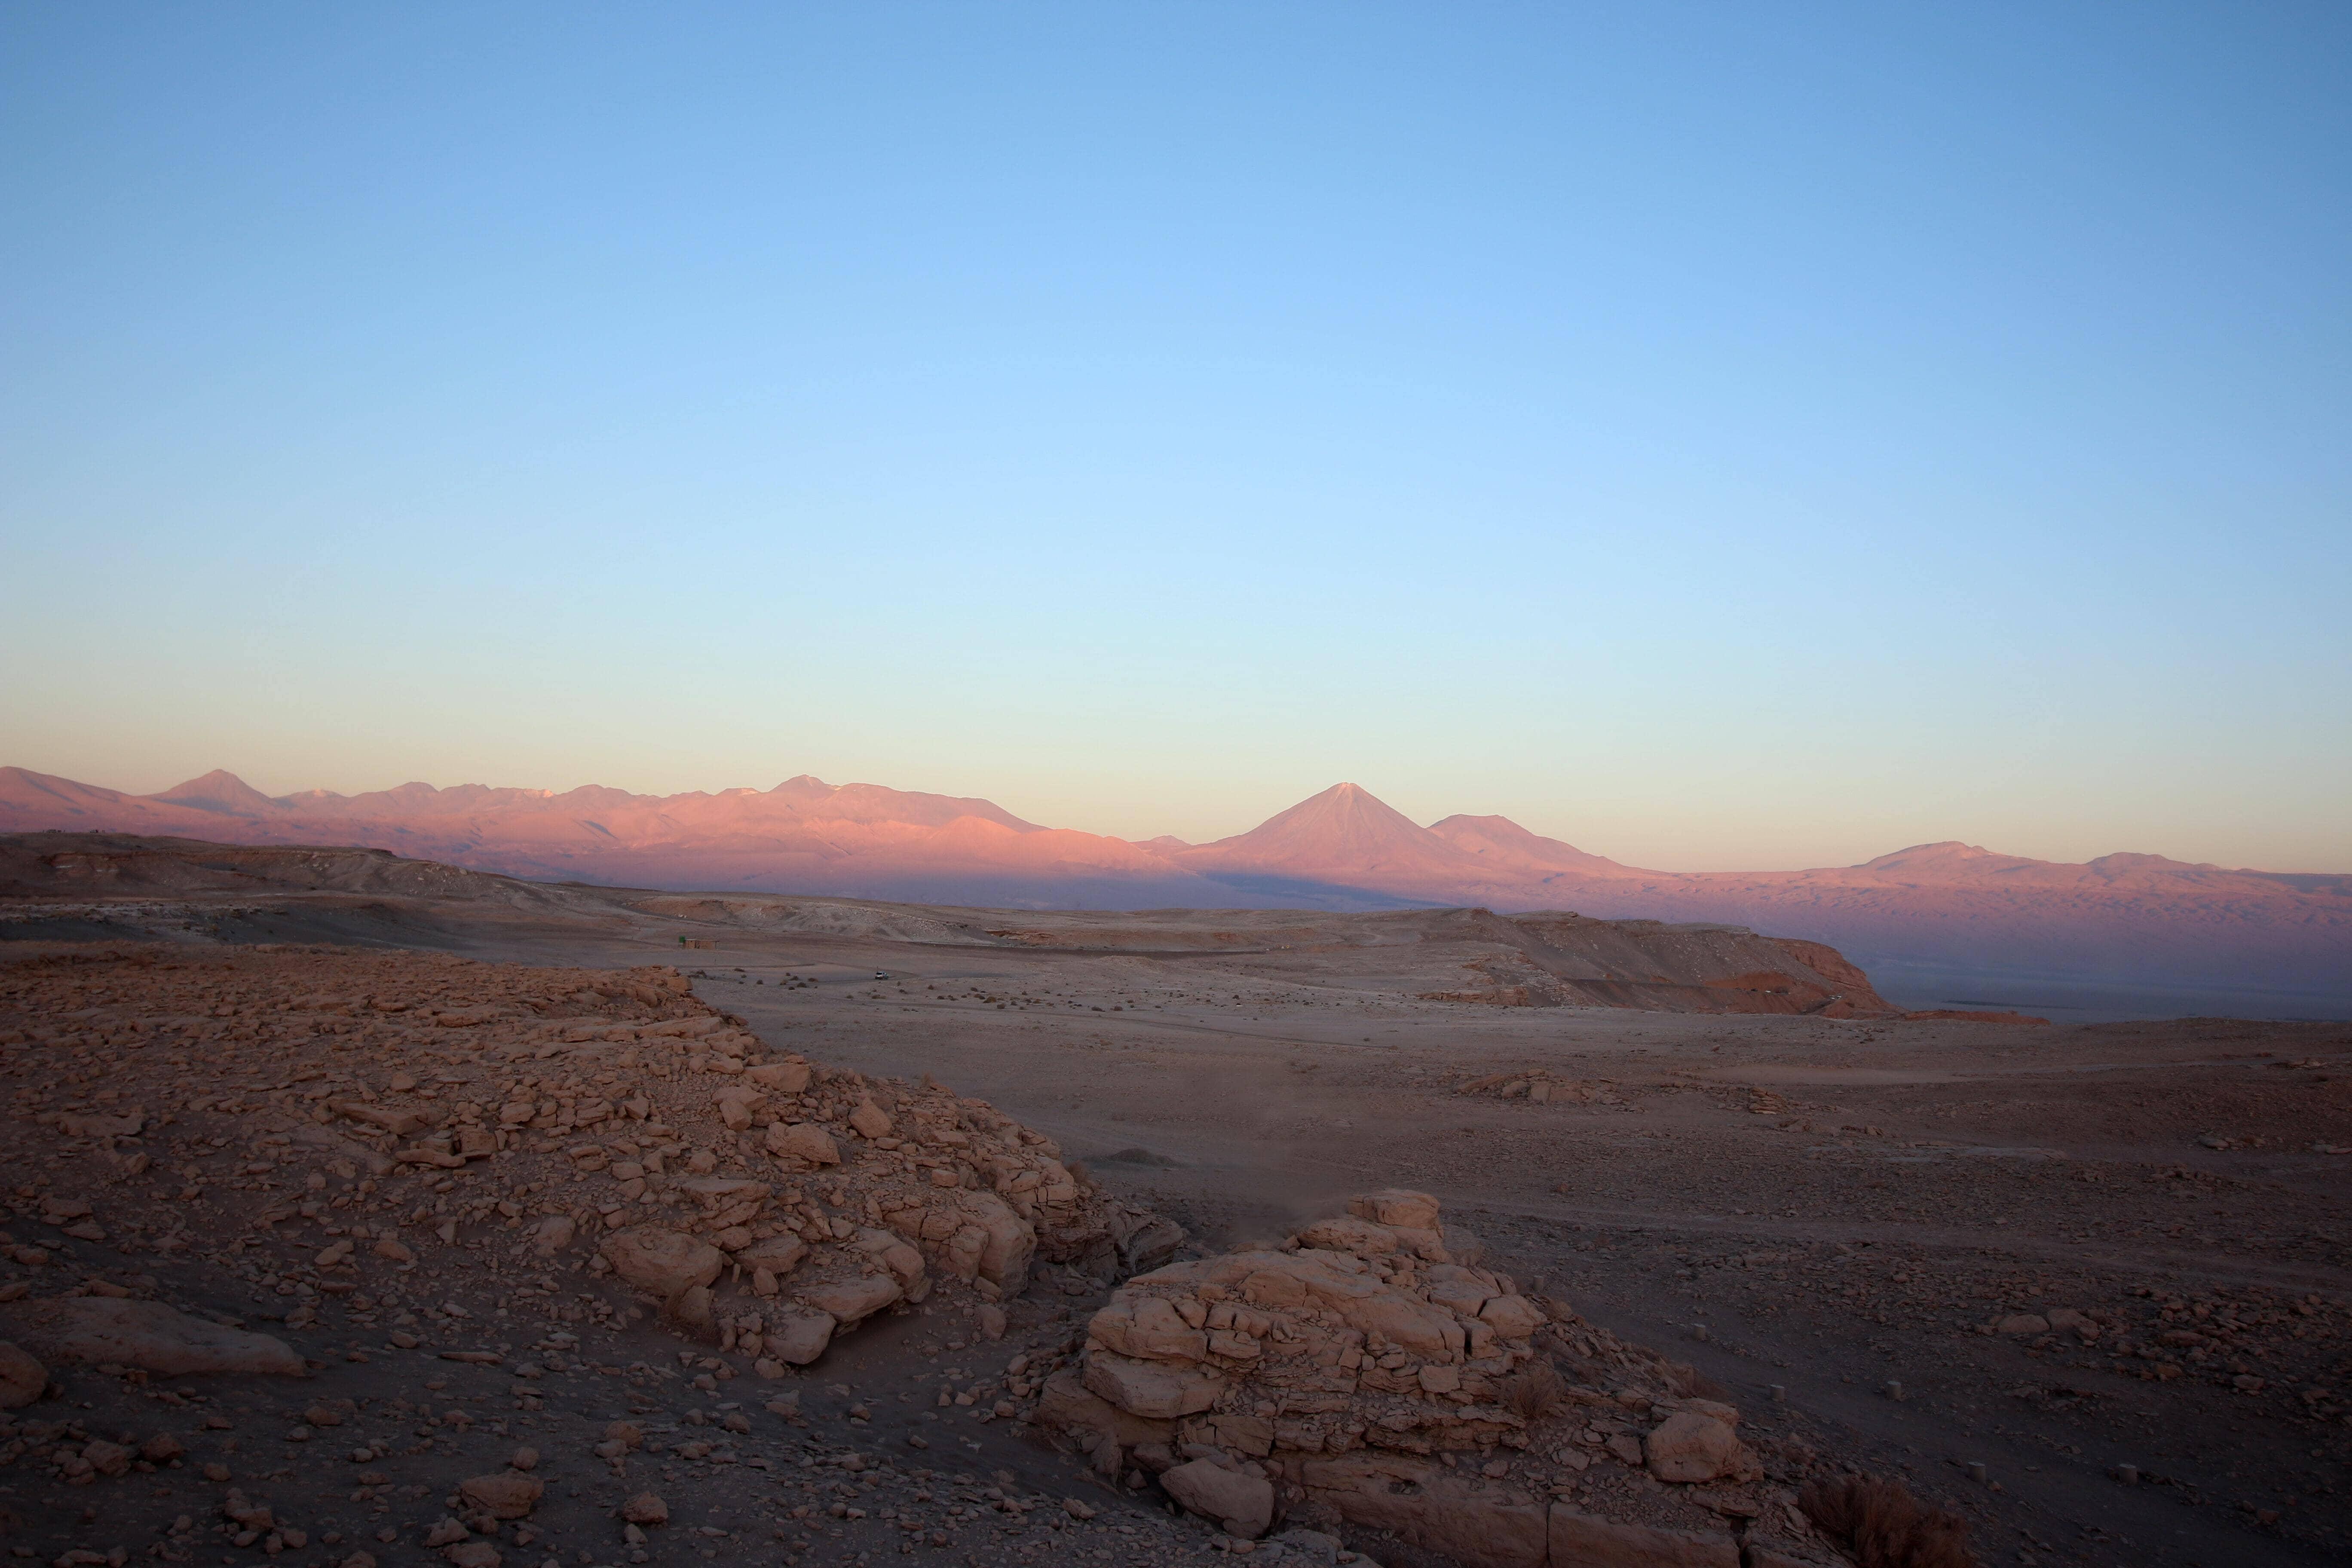 Un paysage chilien chaotique et hostile